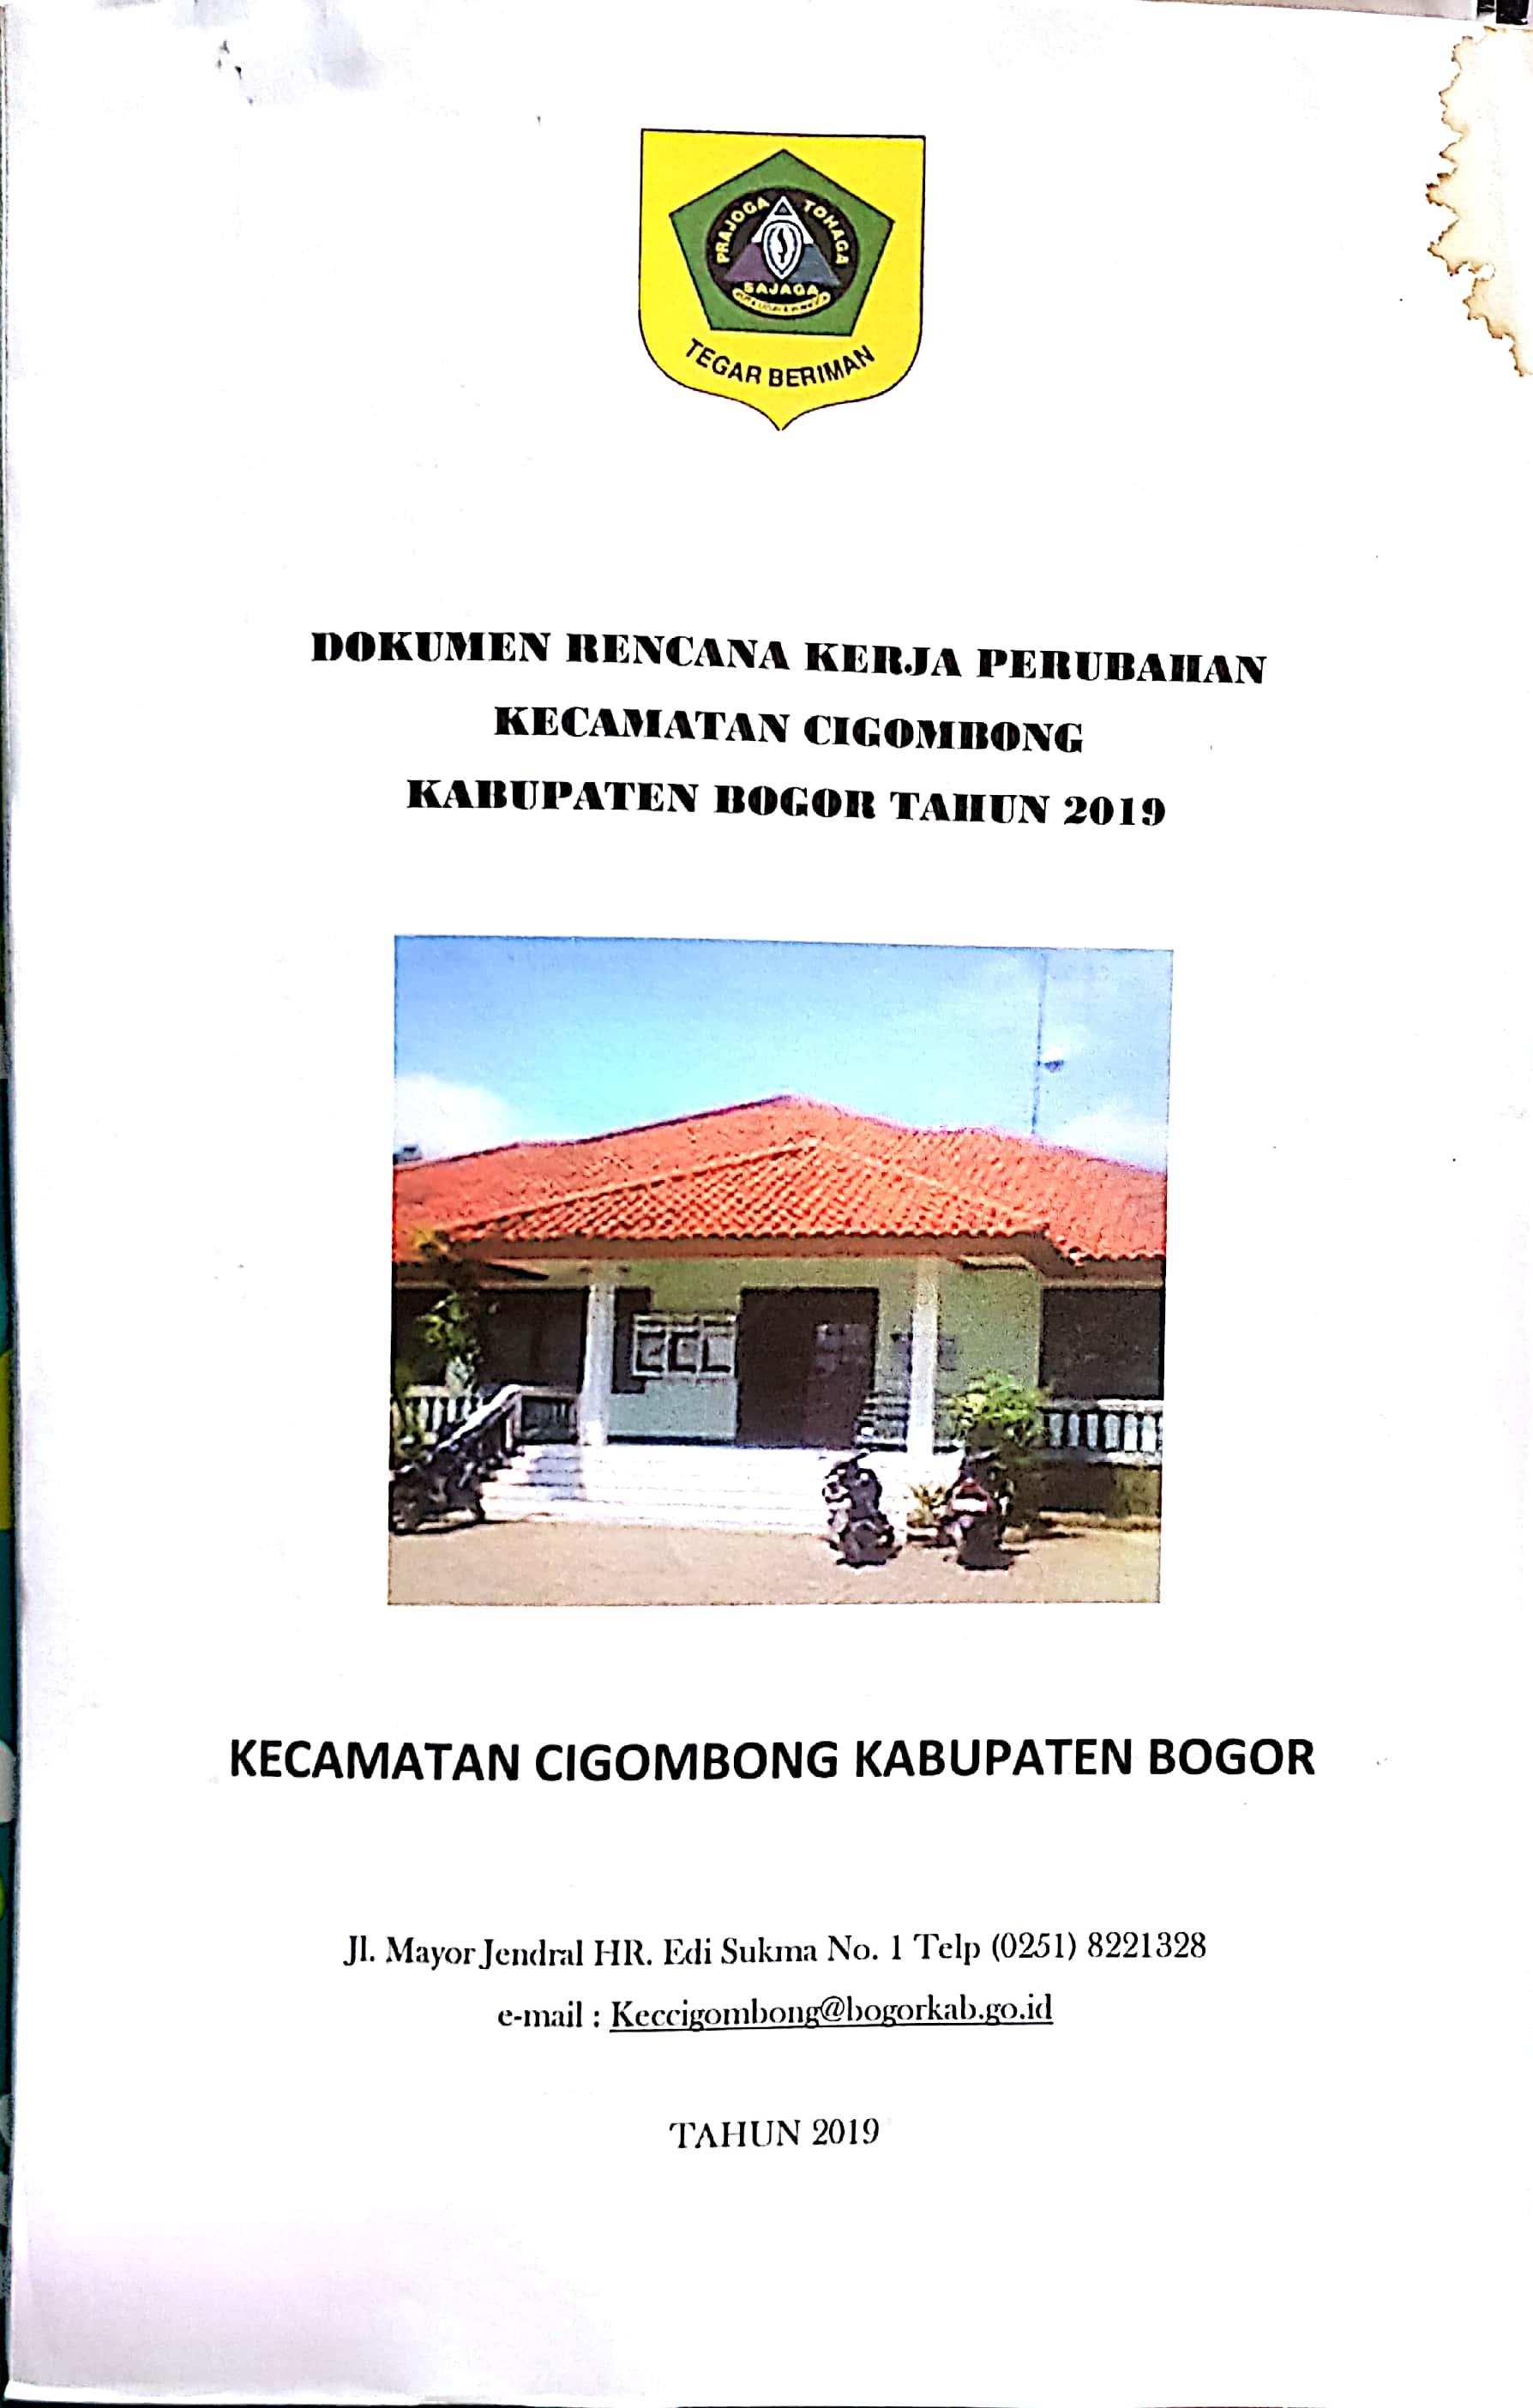 Dokumen Rencana Kerja Perubahan (RENJA-P) 2019 Kecamatan Cigombong